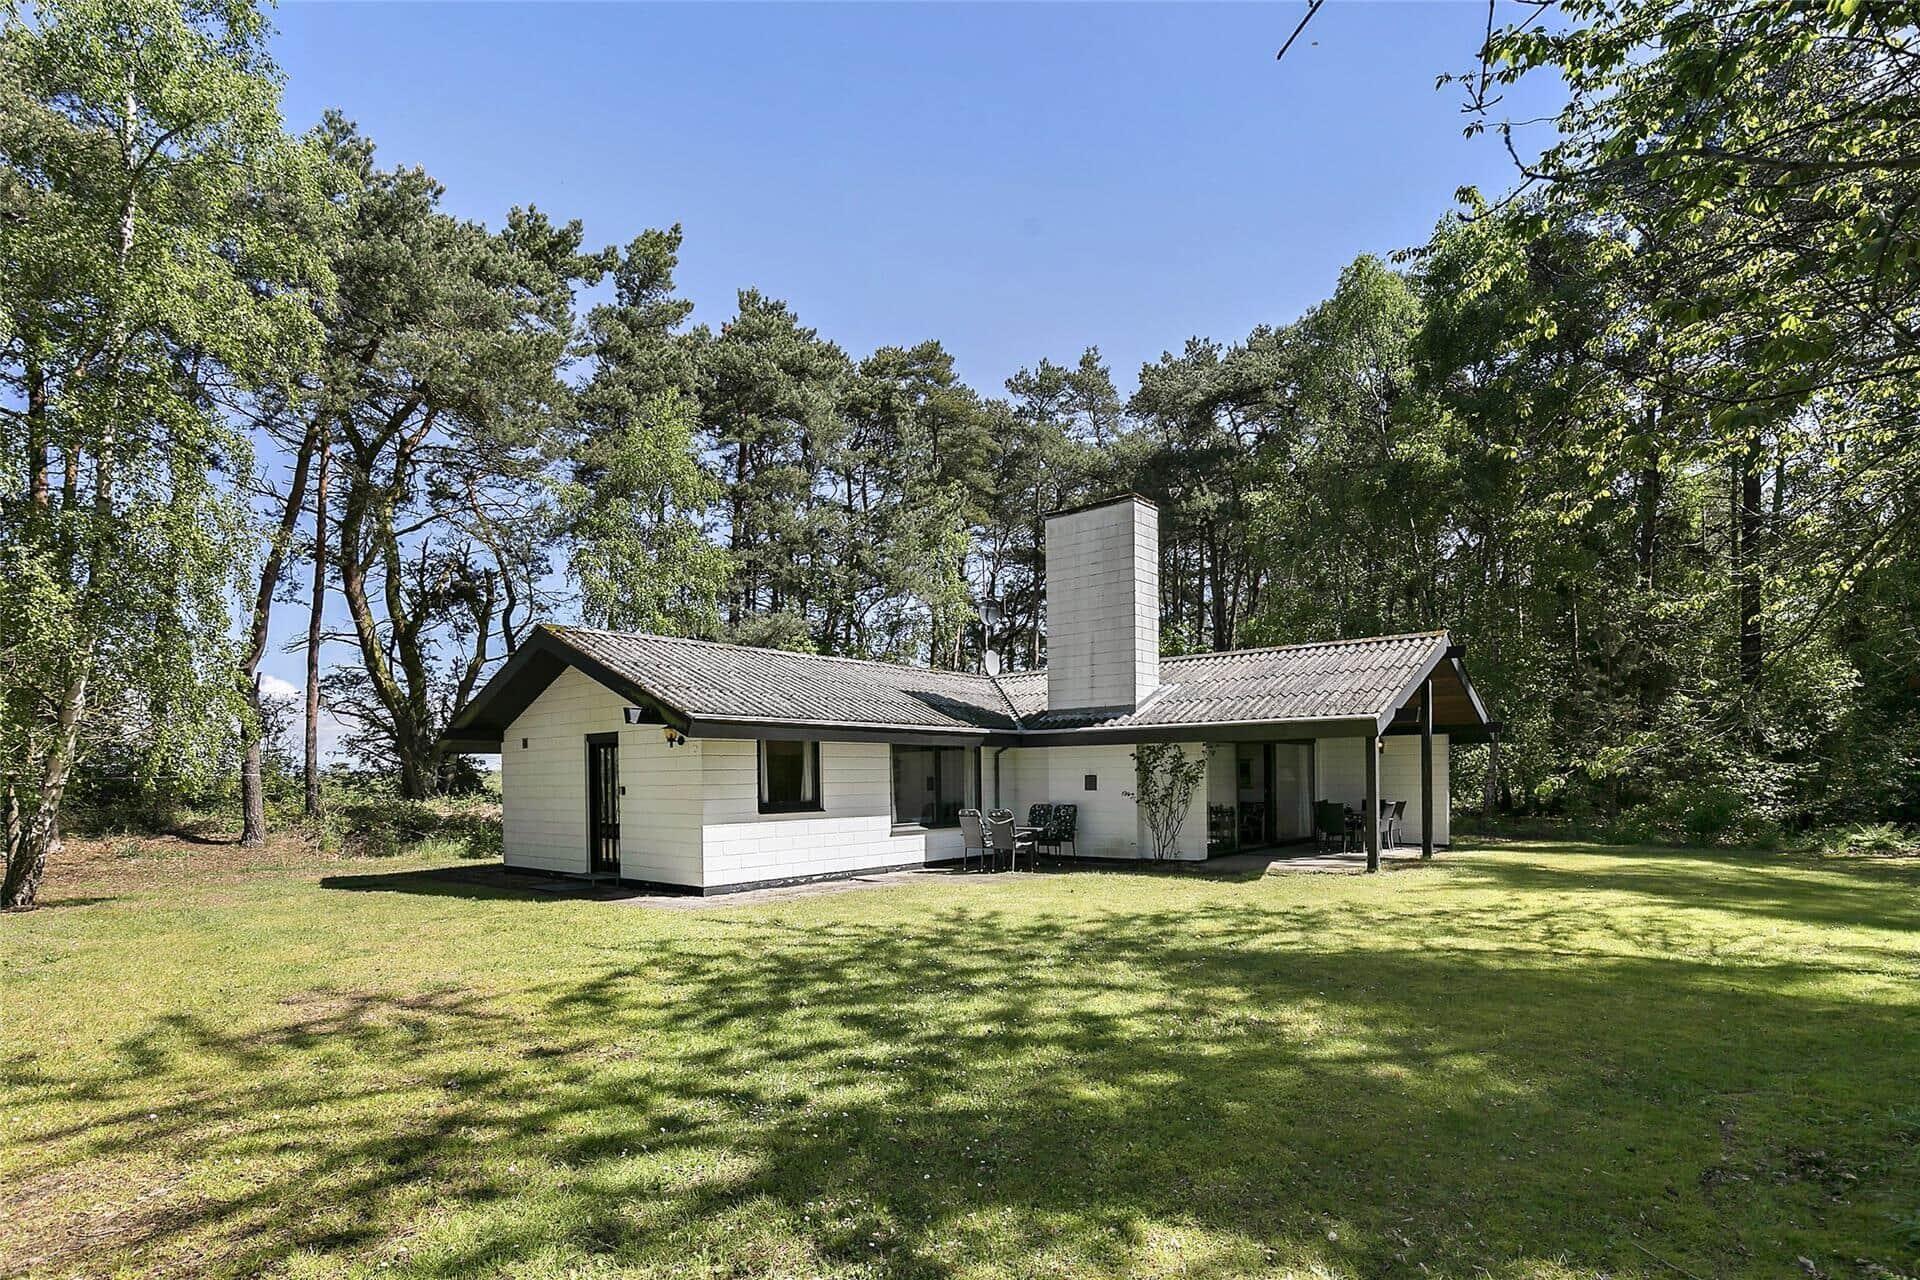 Billede 1-10 Sommerhus 2689, Munkegårdsskoven 6, DK - 3730 Nexø